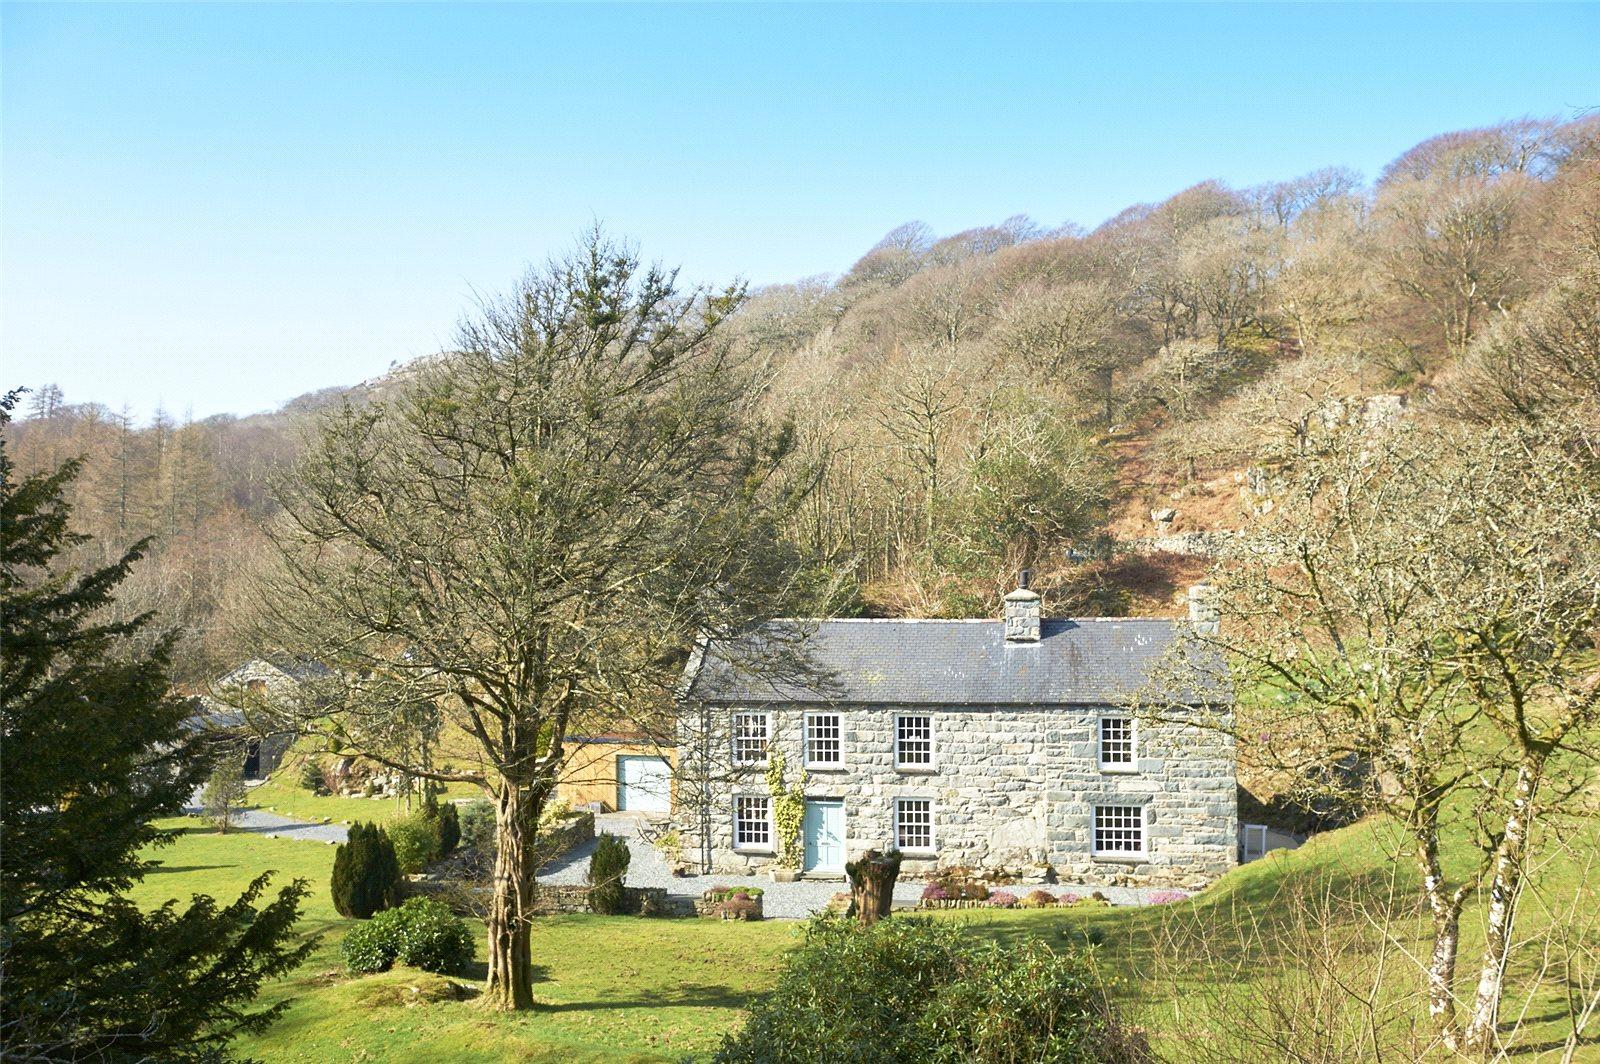 Single Family Home for Sale at Llanbedr, Gwynedd, LL45 Gwynedd, Wales